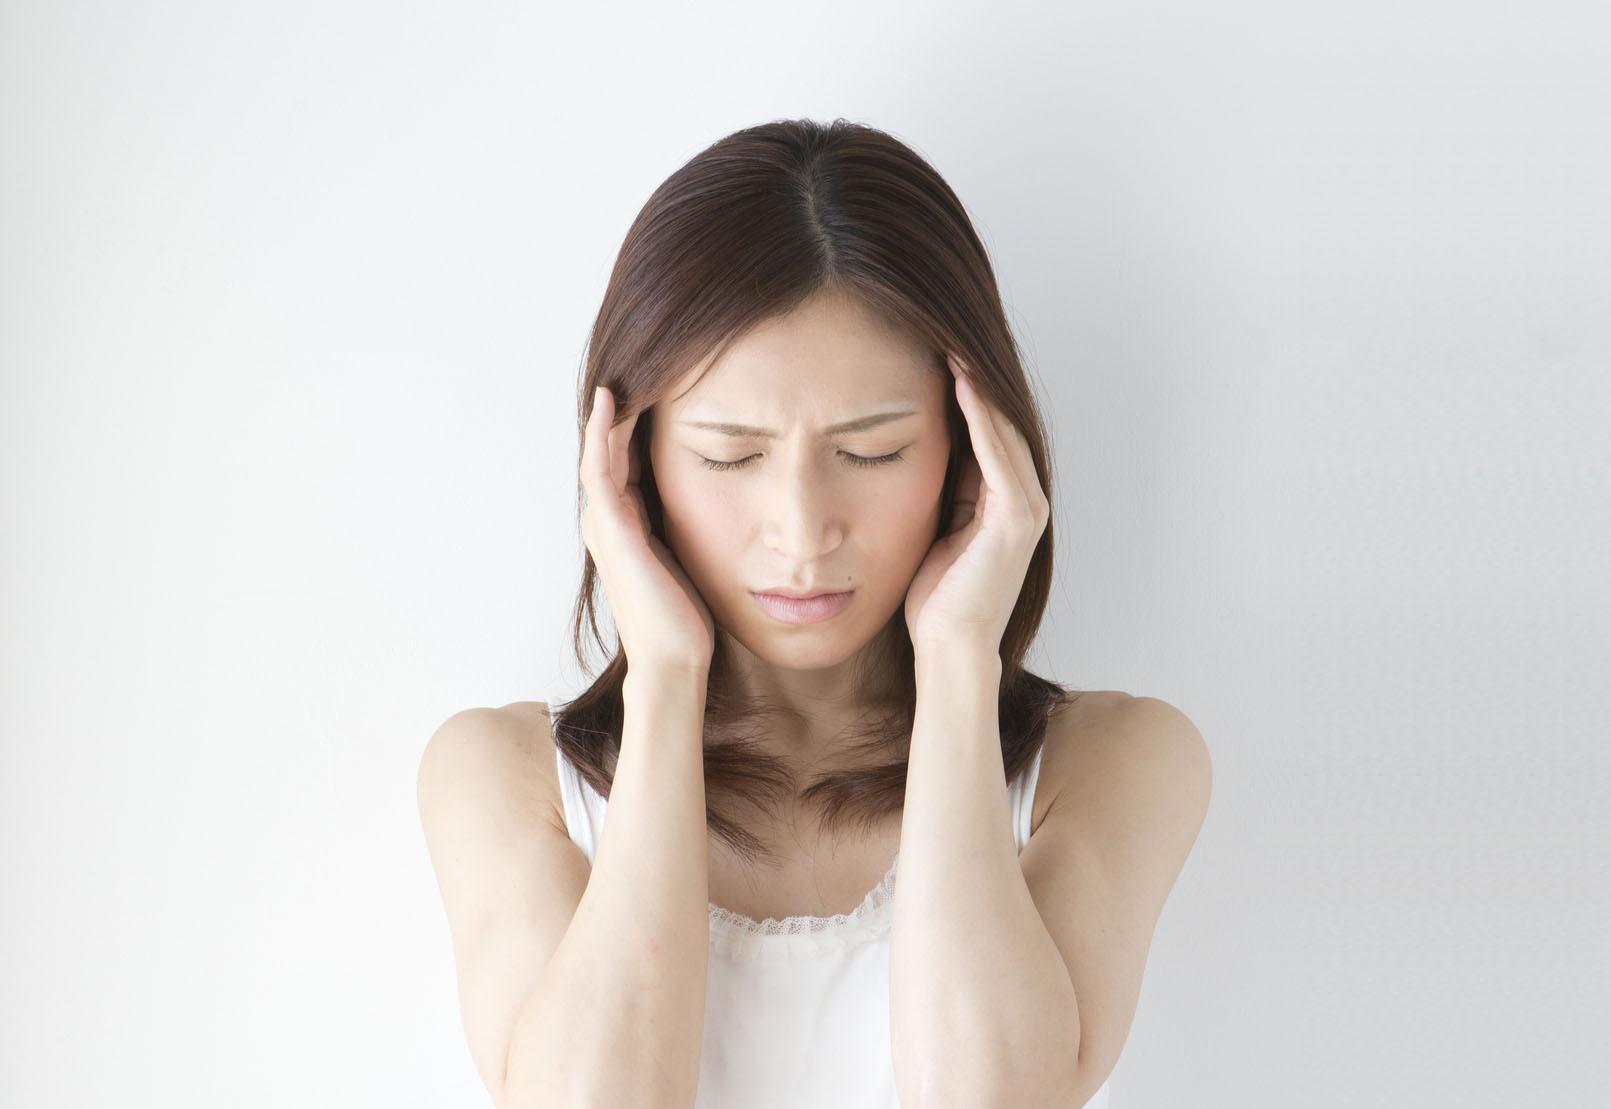 頭が重い!頭痛対策で「薬剤師が薬の前にすること」4つ